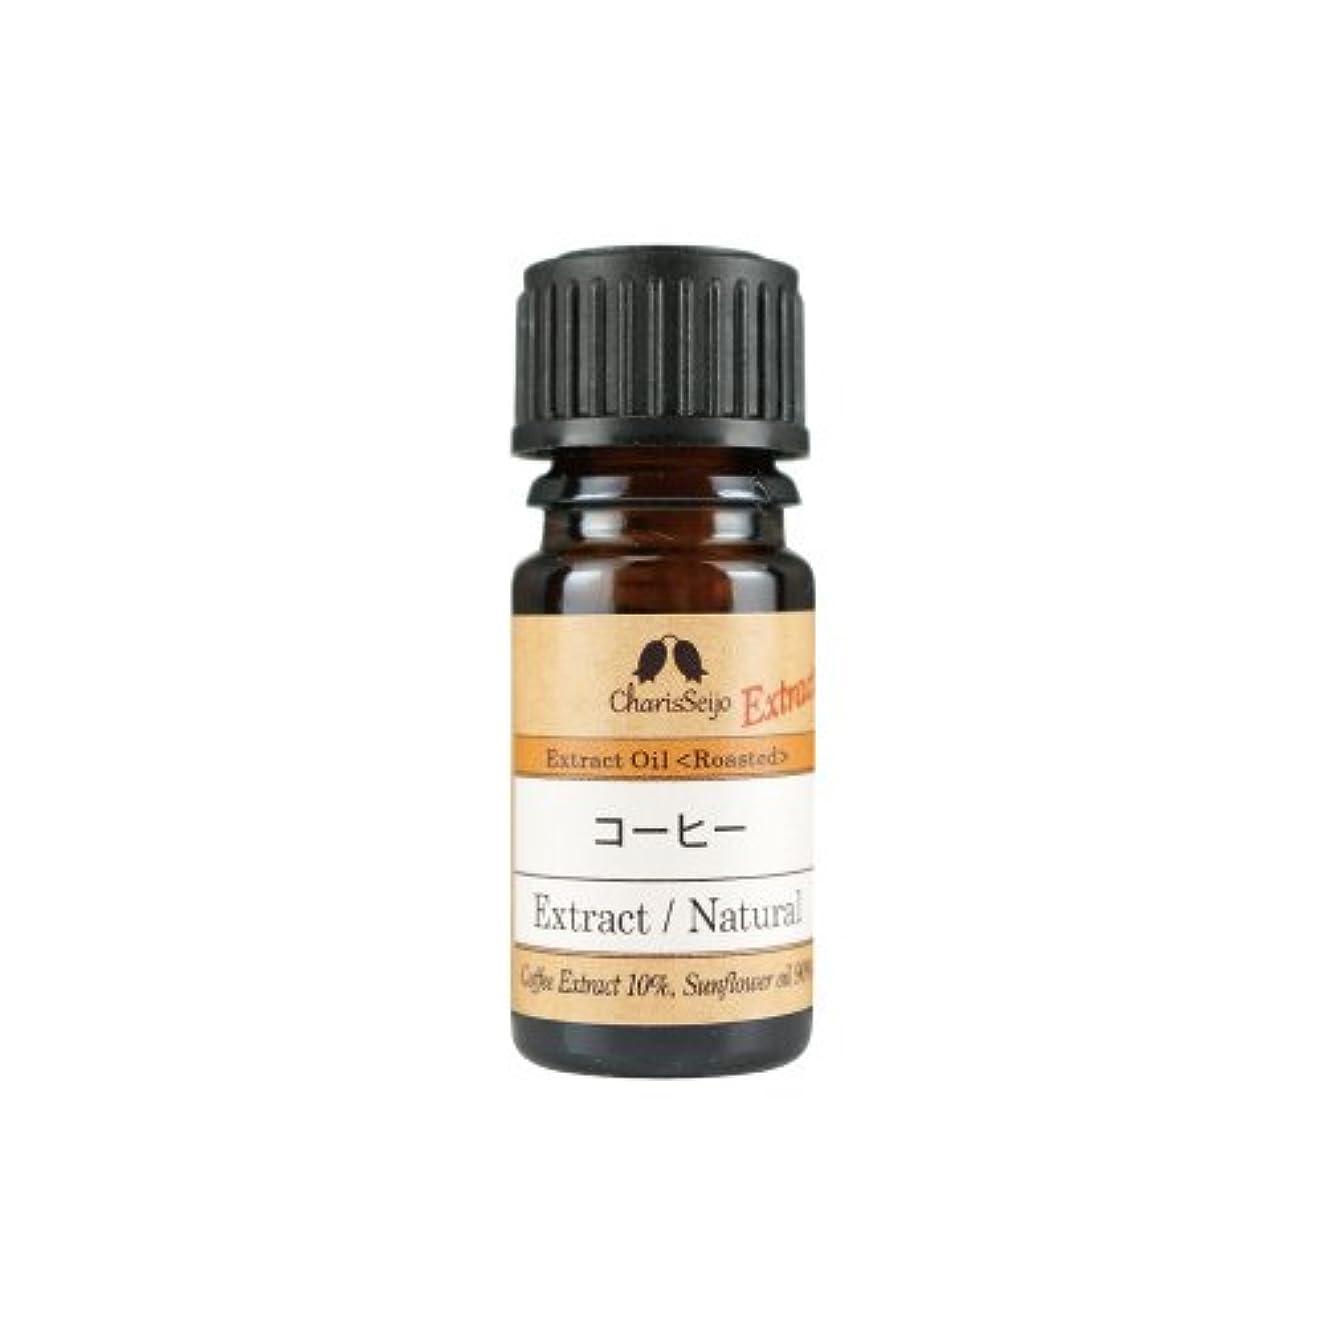 カリス エッセンシャルオイル コーヒーエクストラクト(10%希釈液)2ml